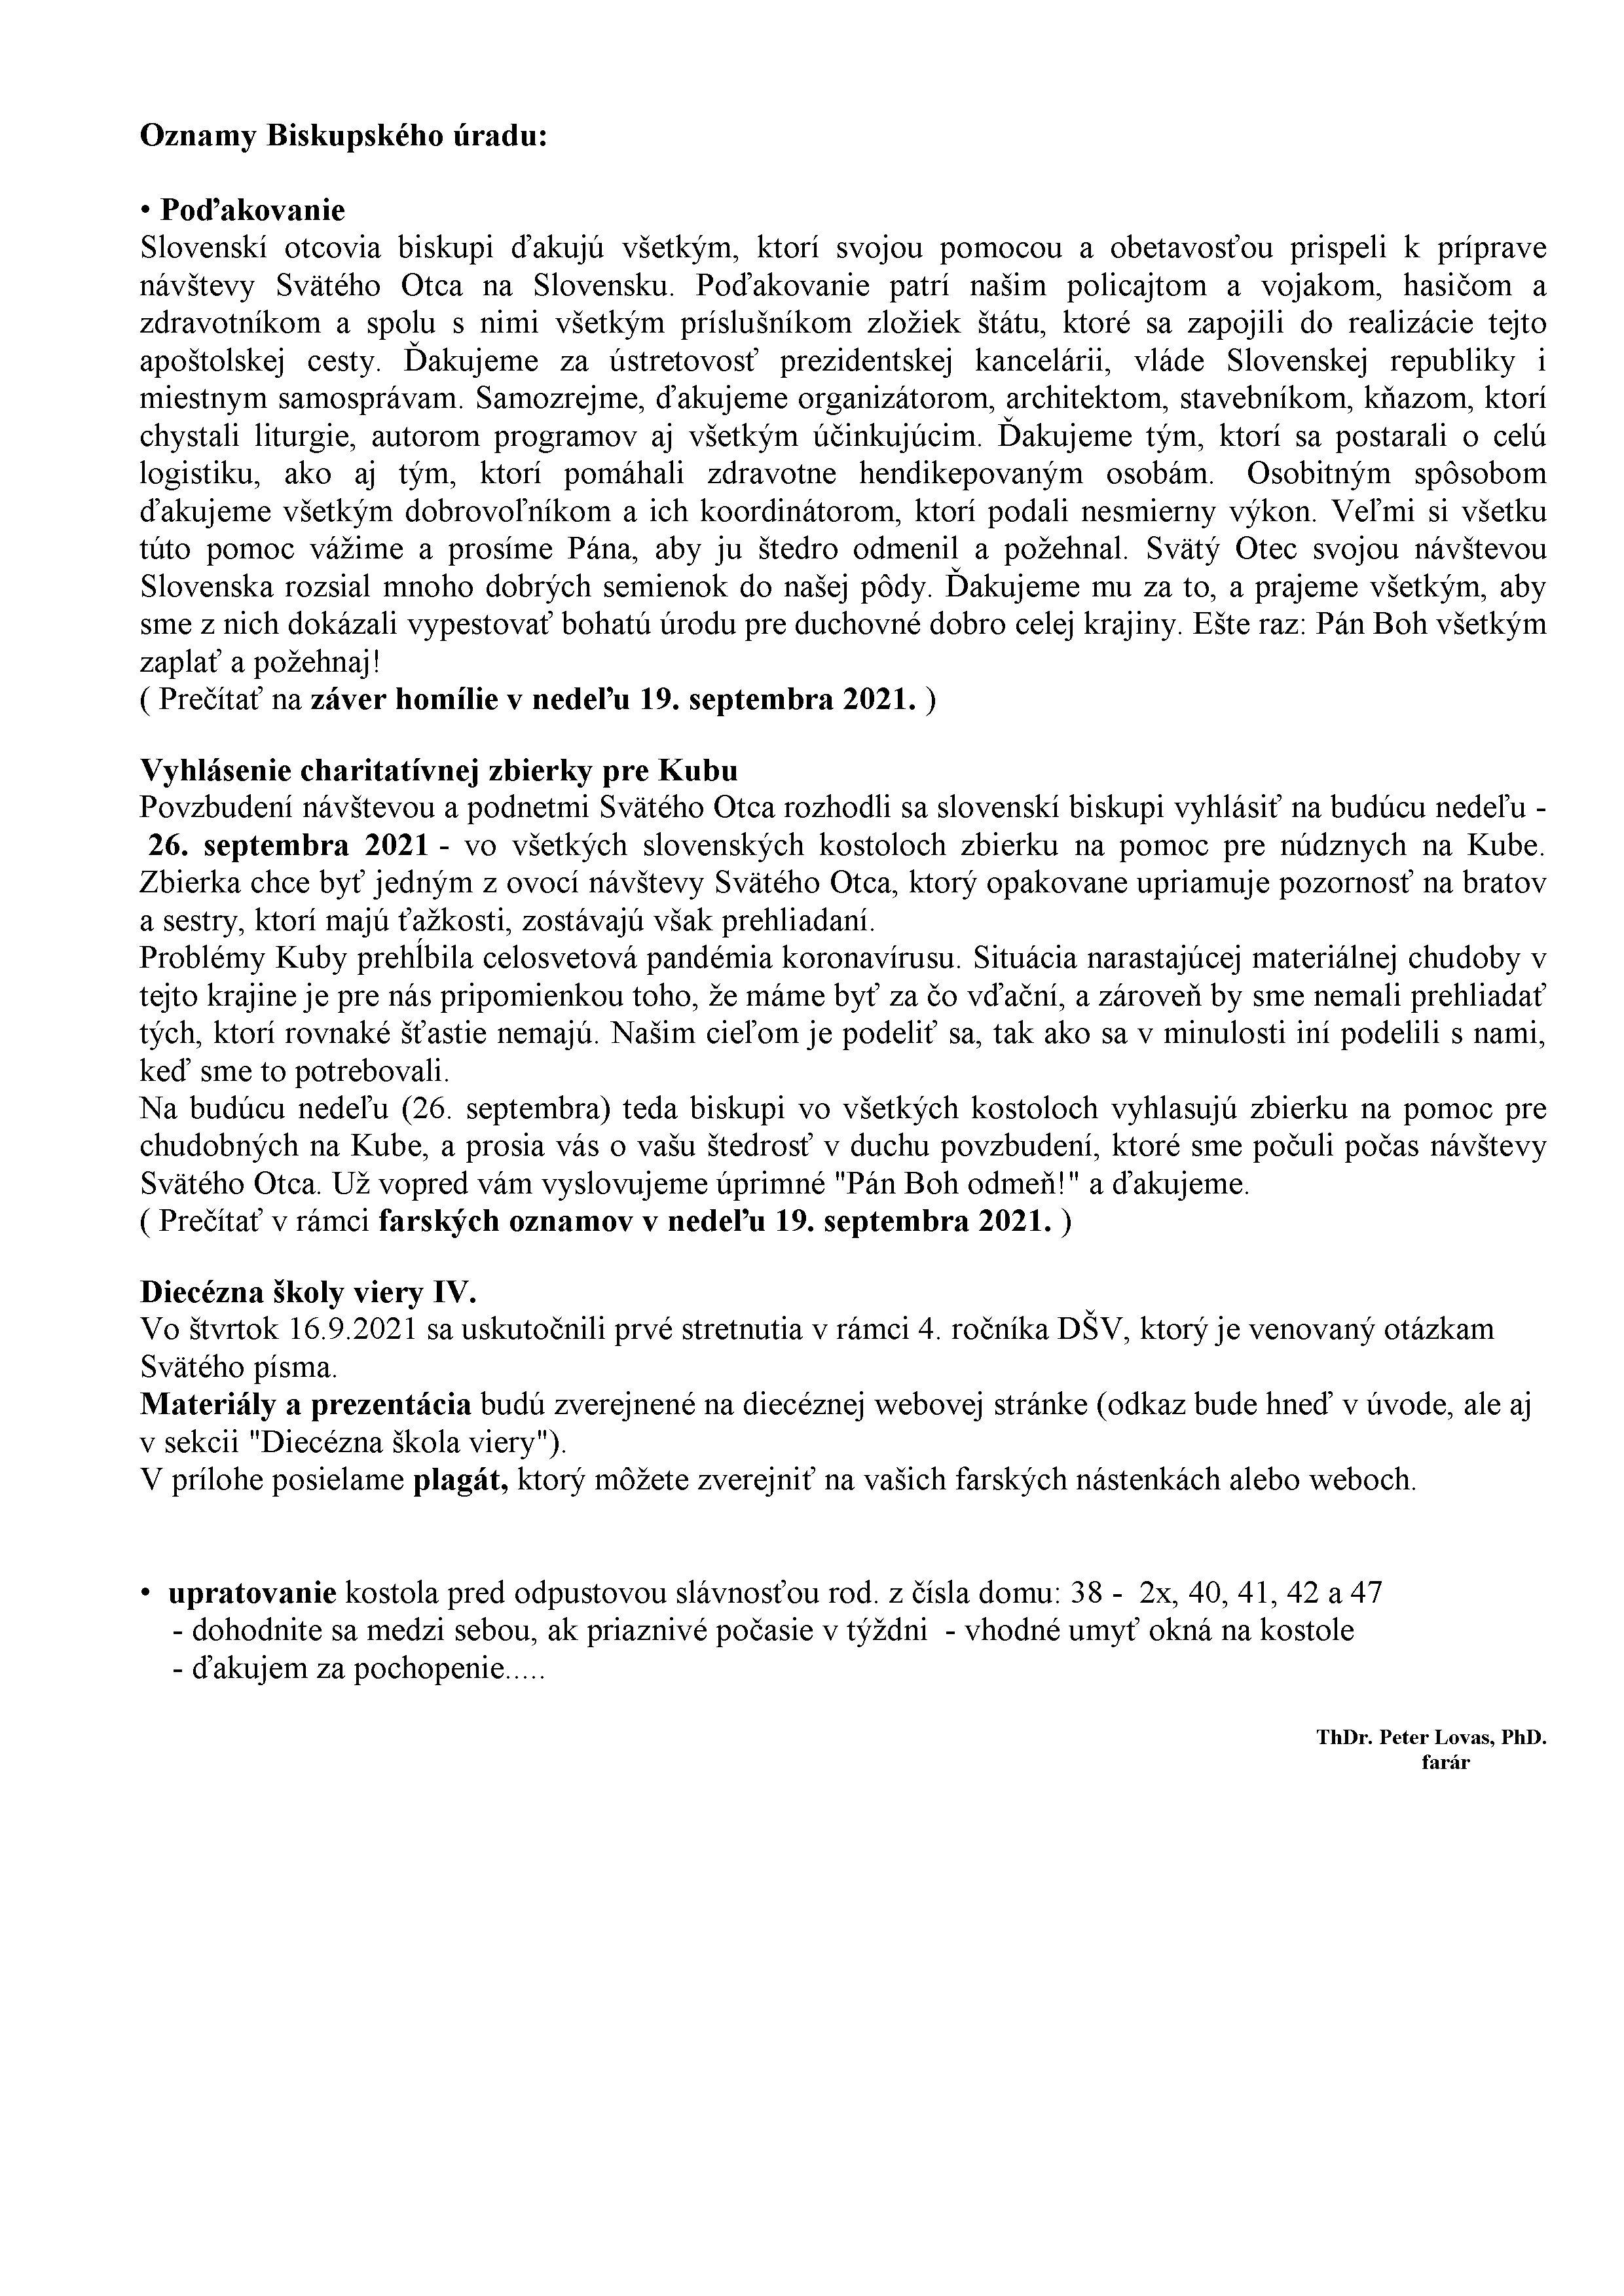 Microsoft Word - Farské oznamy - 38. týždeň_165_2